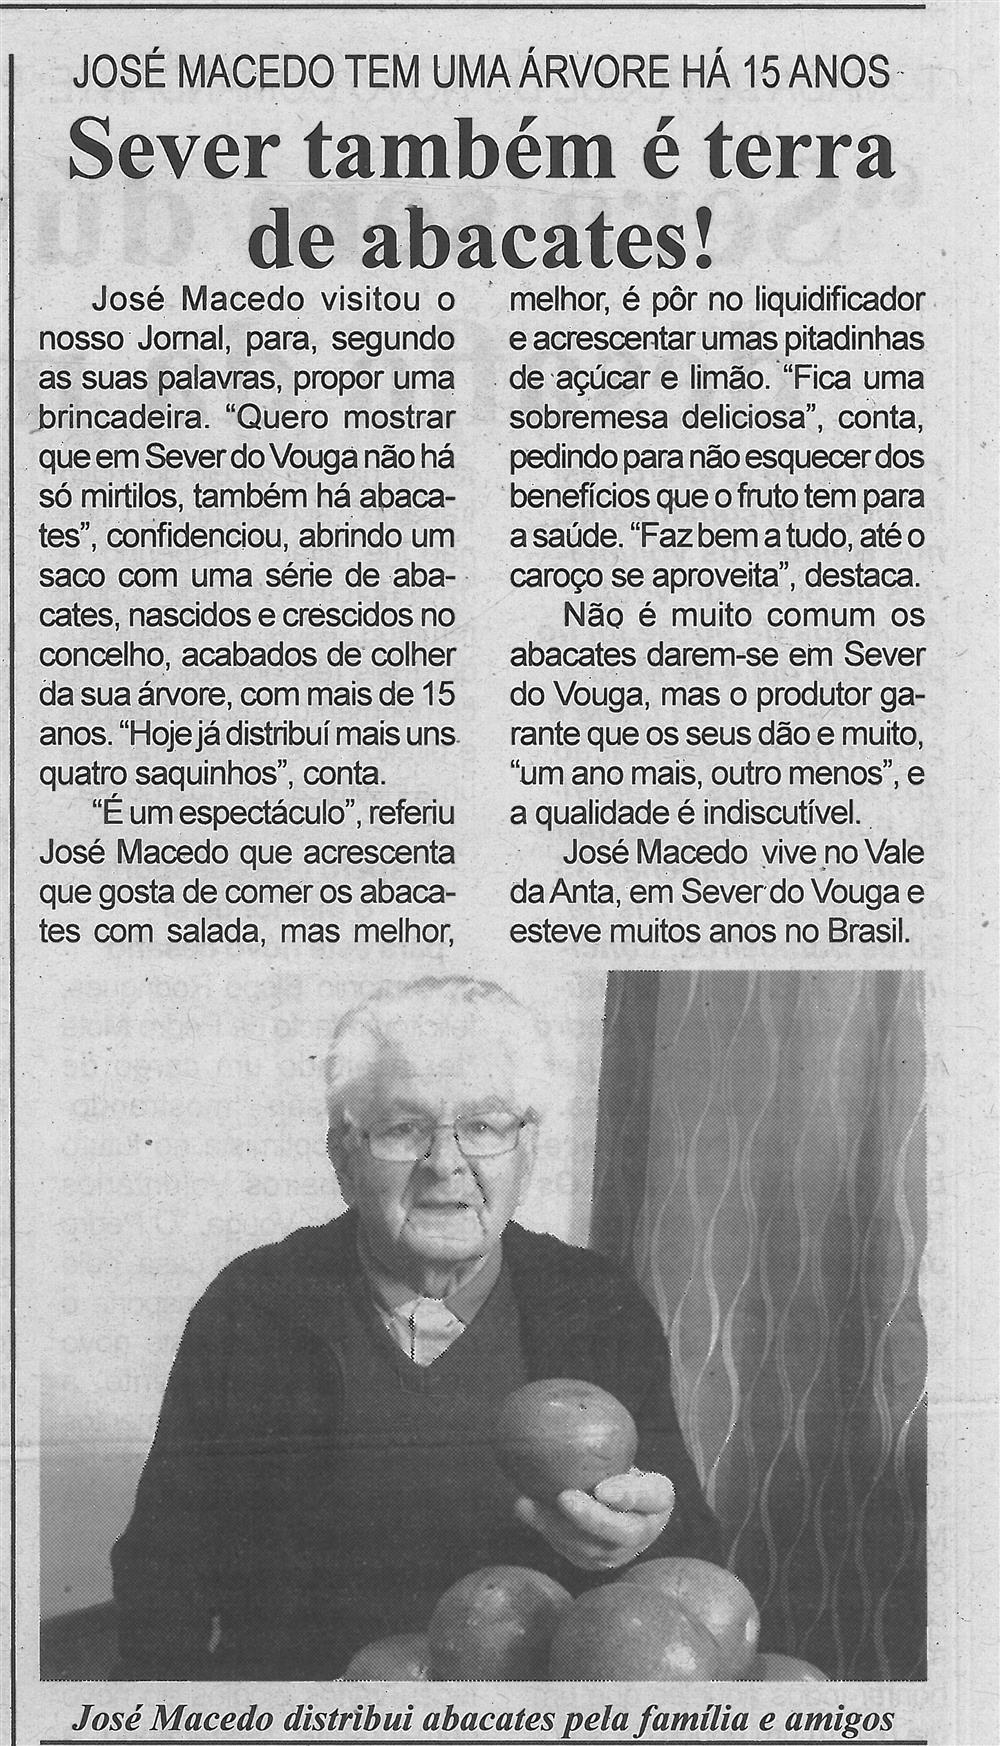 BV-2.ªmaio.'18-p.6-Sever também é terra de abacates : José Macedo tem uma árvore há 15 anos.jpg